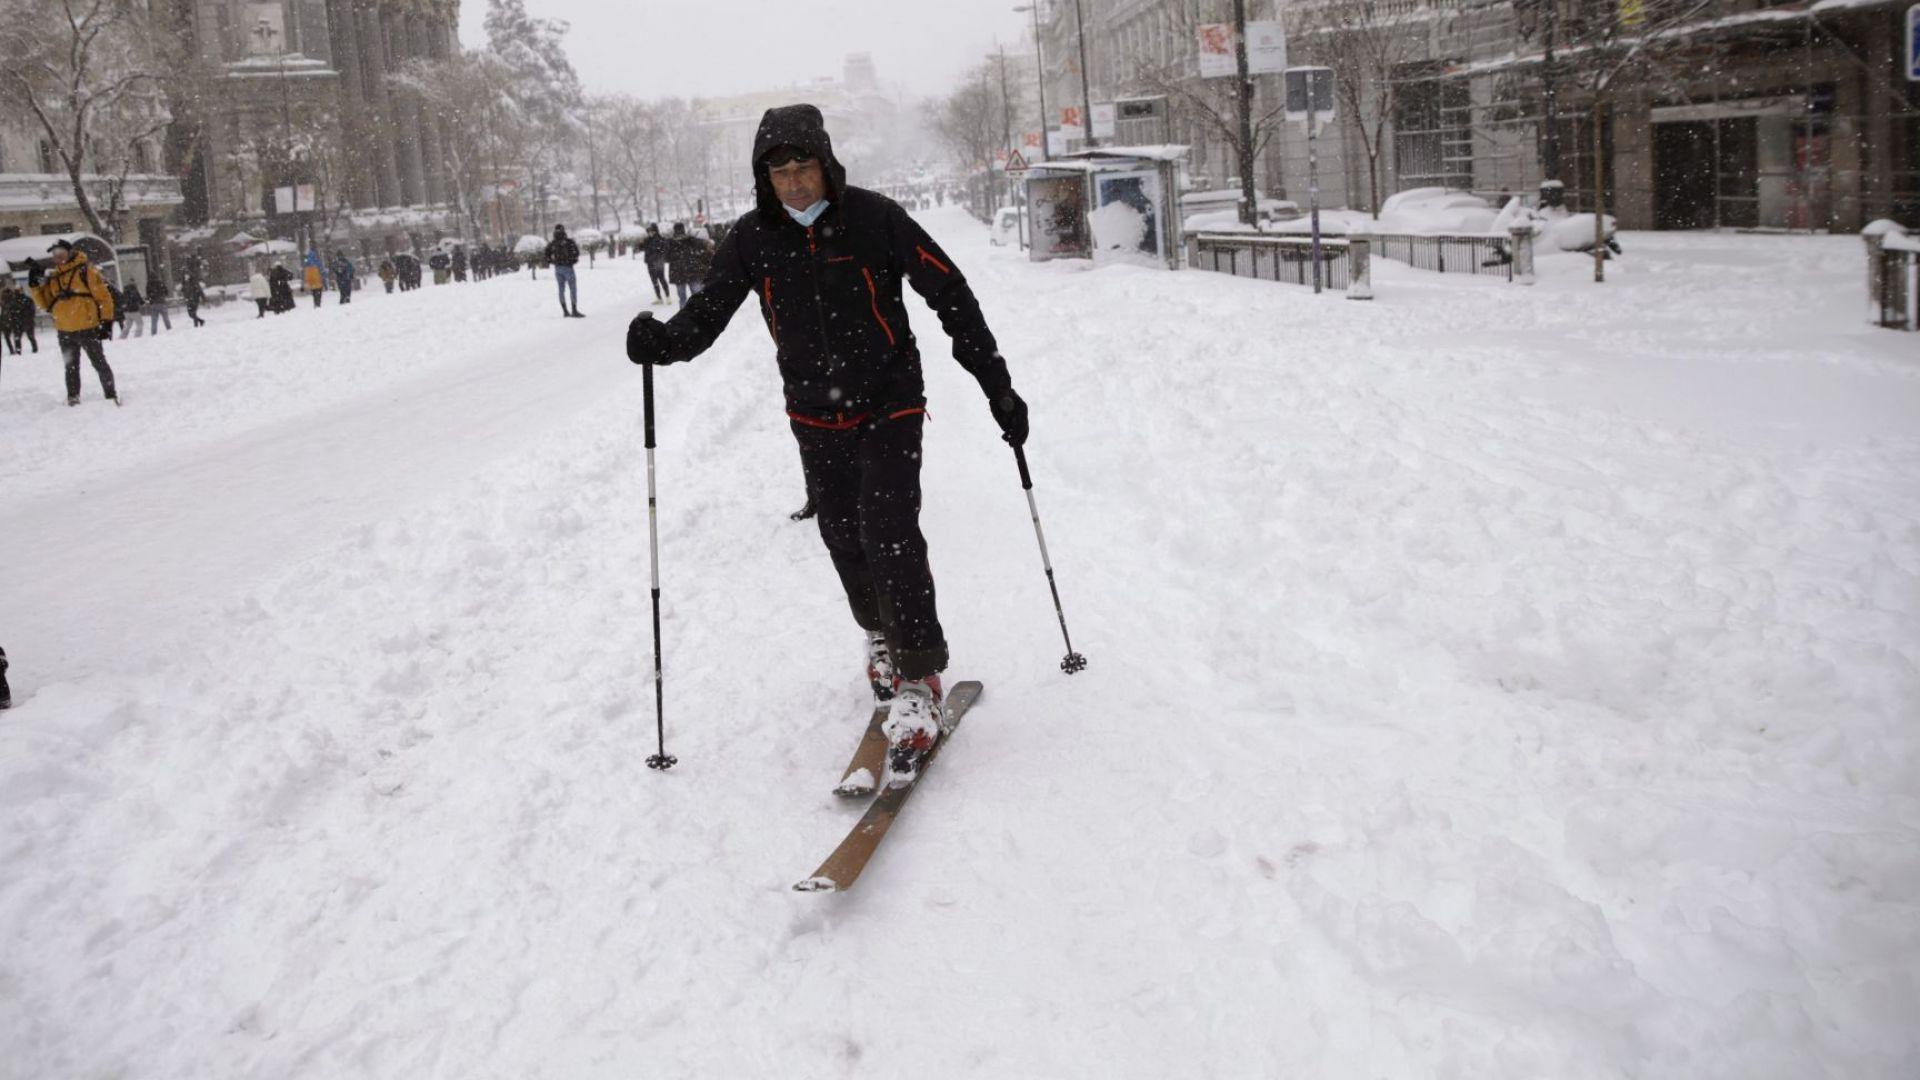 Шейни и ски по улиците на Мадрид: Снежното бедствие отнема животи в Испания (снимки)